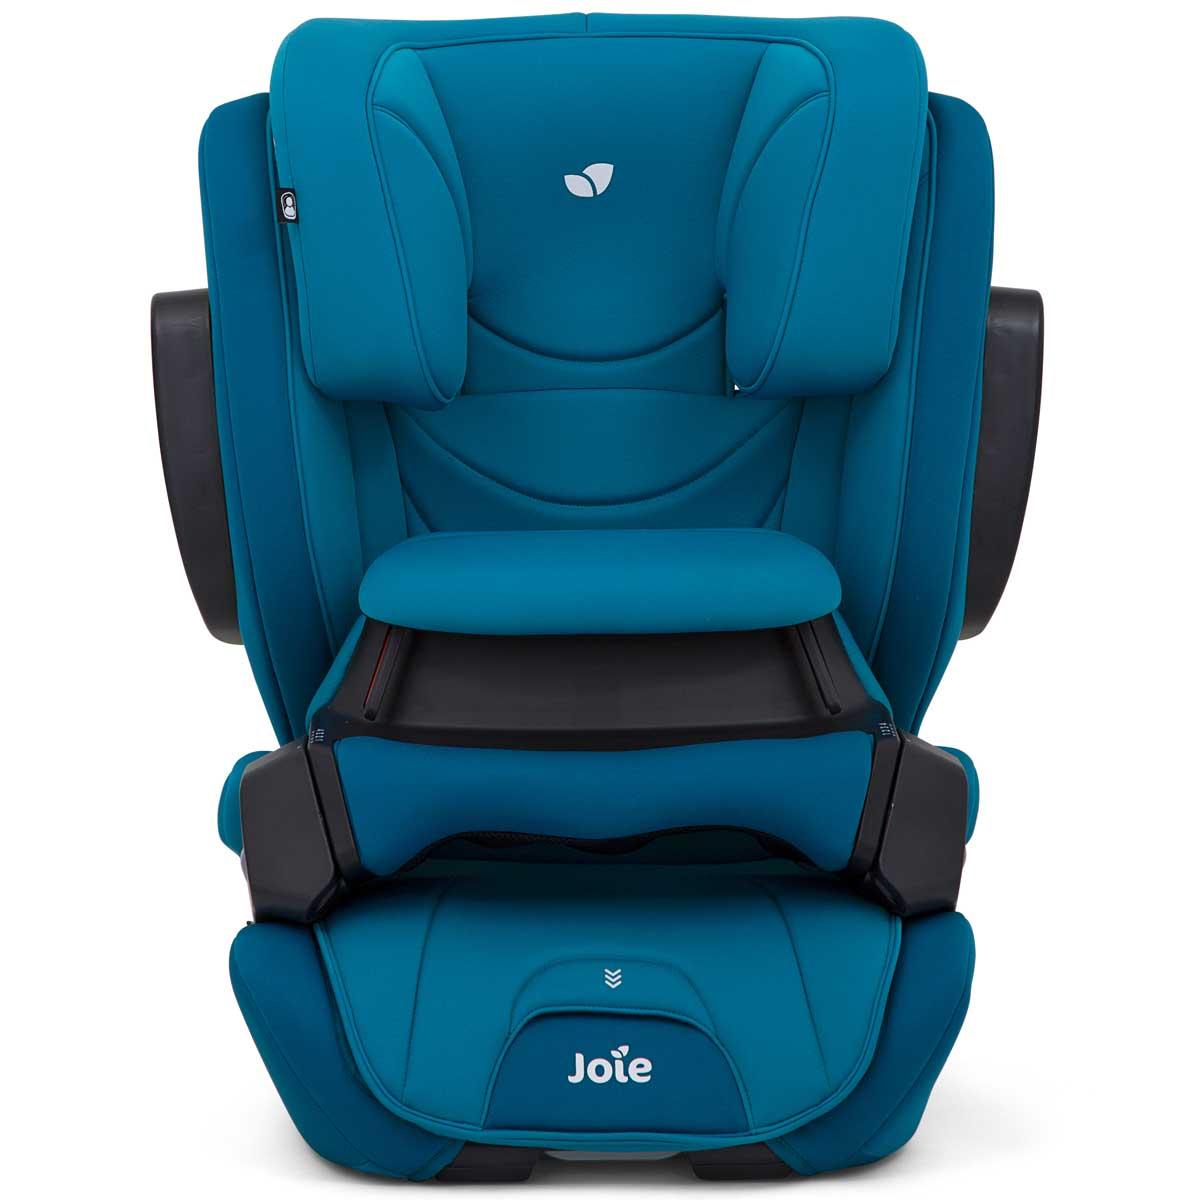 joie traver shield dark pewter autositz kindersitz kinderautositz gr 1 2 3 ebay. Black Bedroom Furniture Sets. Home Design Ideas